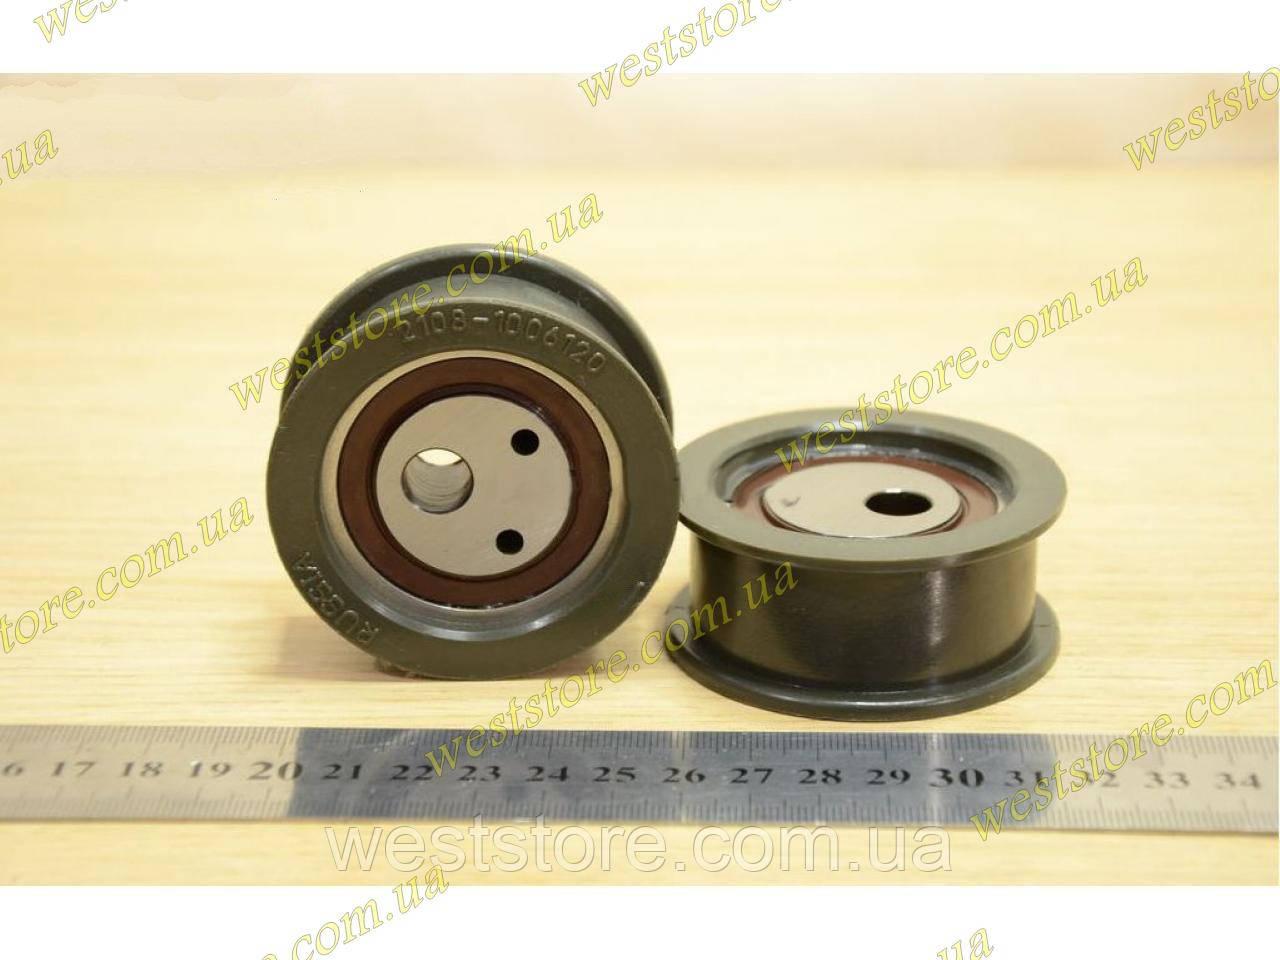 Ролик натяжной на ВАЗ 2108-2109 нового образца (2108-1006120)